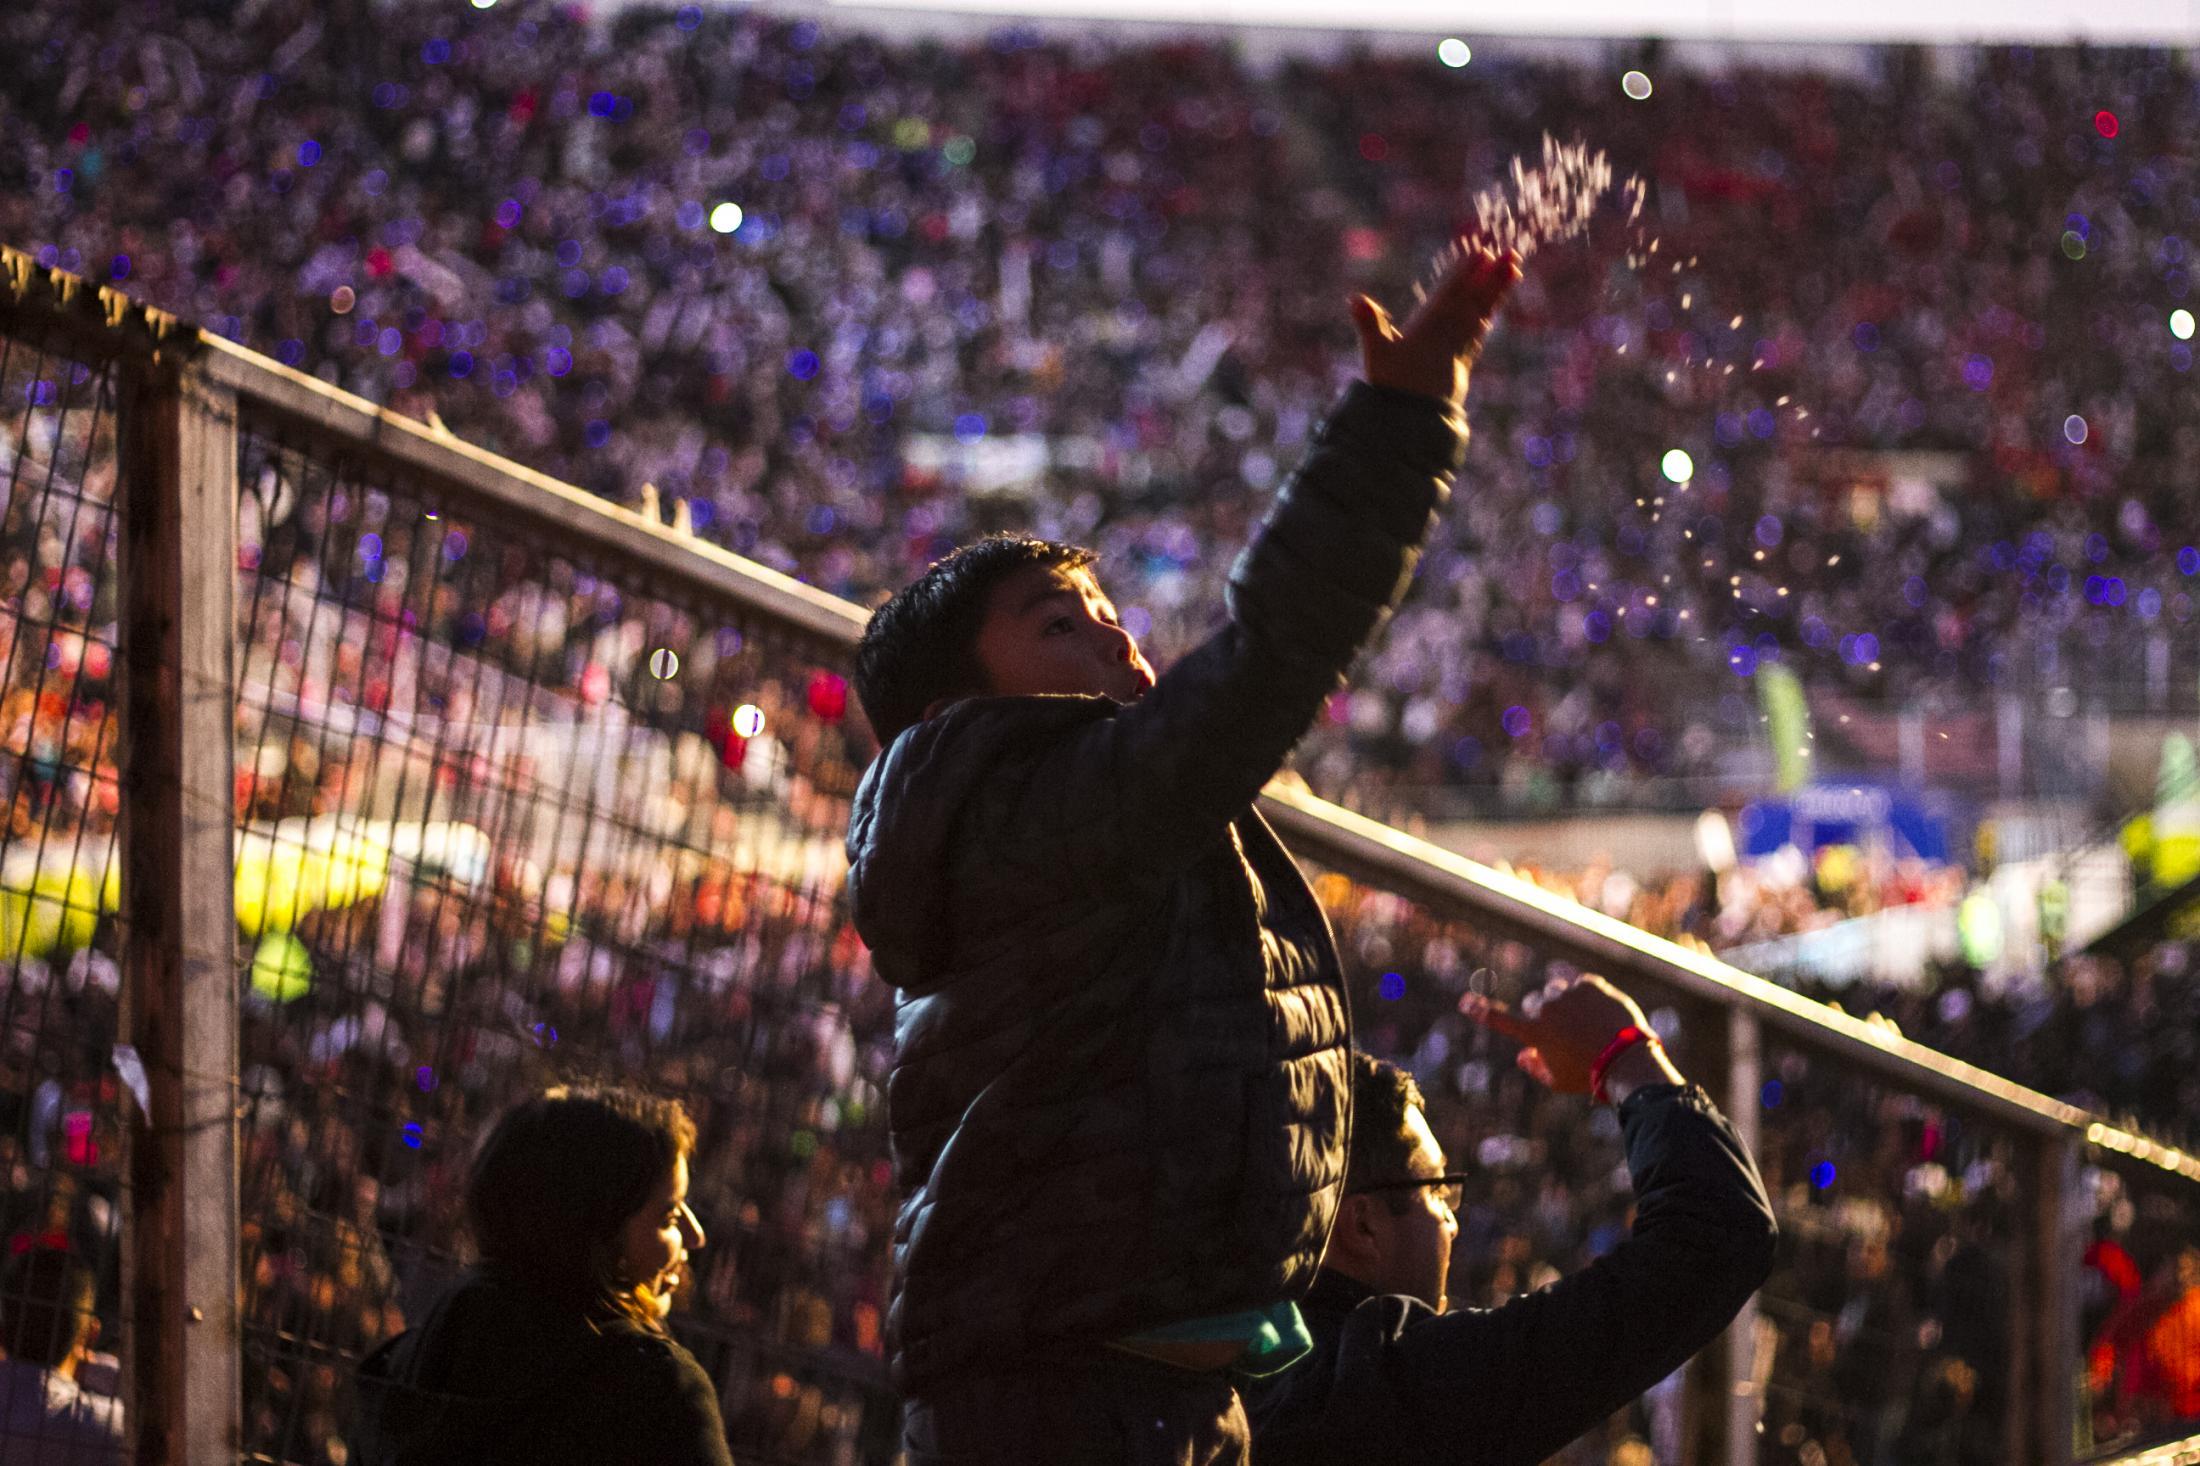 Un niño juega con cabritas (palomitas de maíz, cotufas) mientras espera por el inicio del Teletón, un evento benéfico y televisivo realizado desde 1978. Estadio Nacional Julio Martínez Pradános en Santiago de Chile el 02/12/2017.